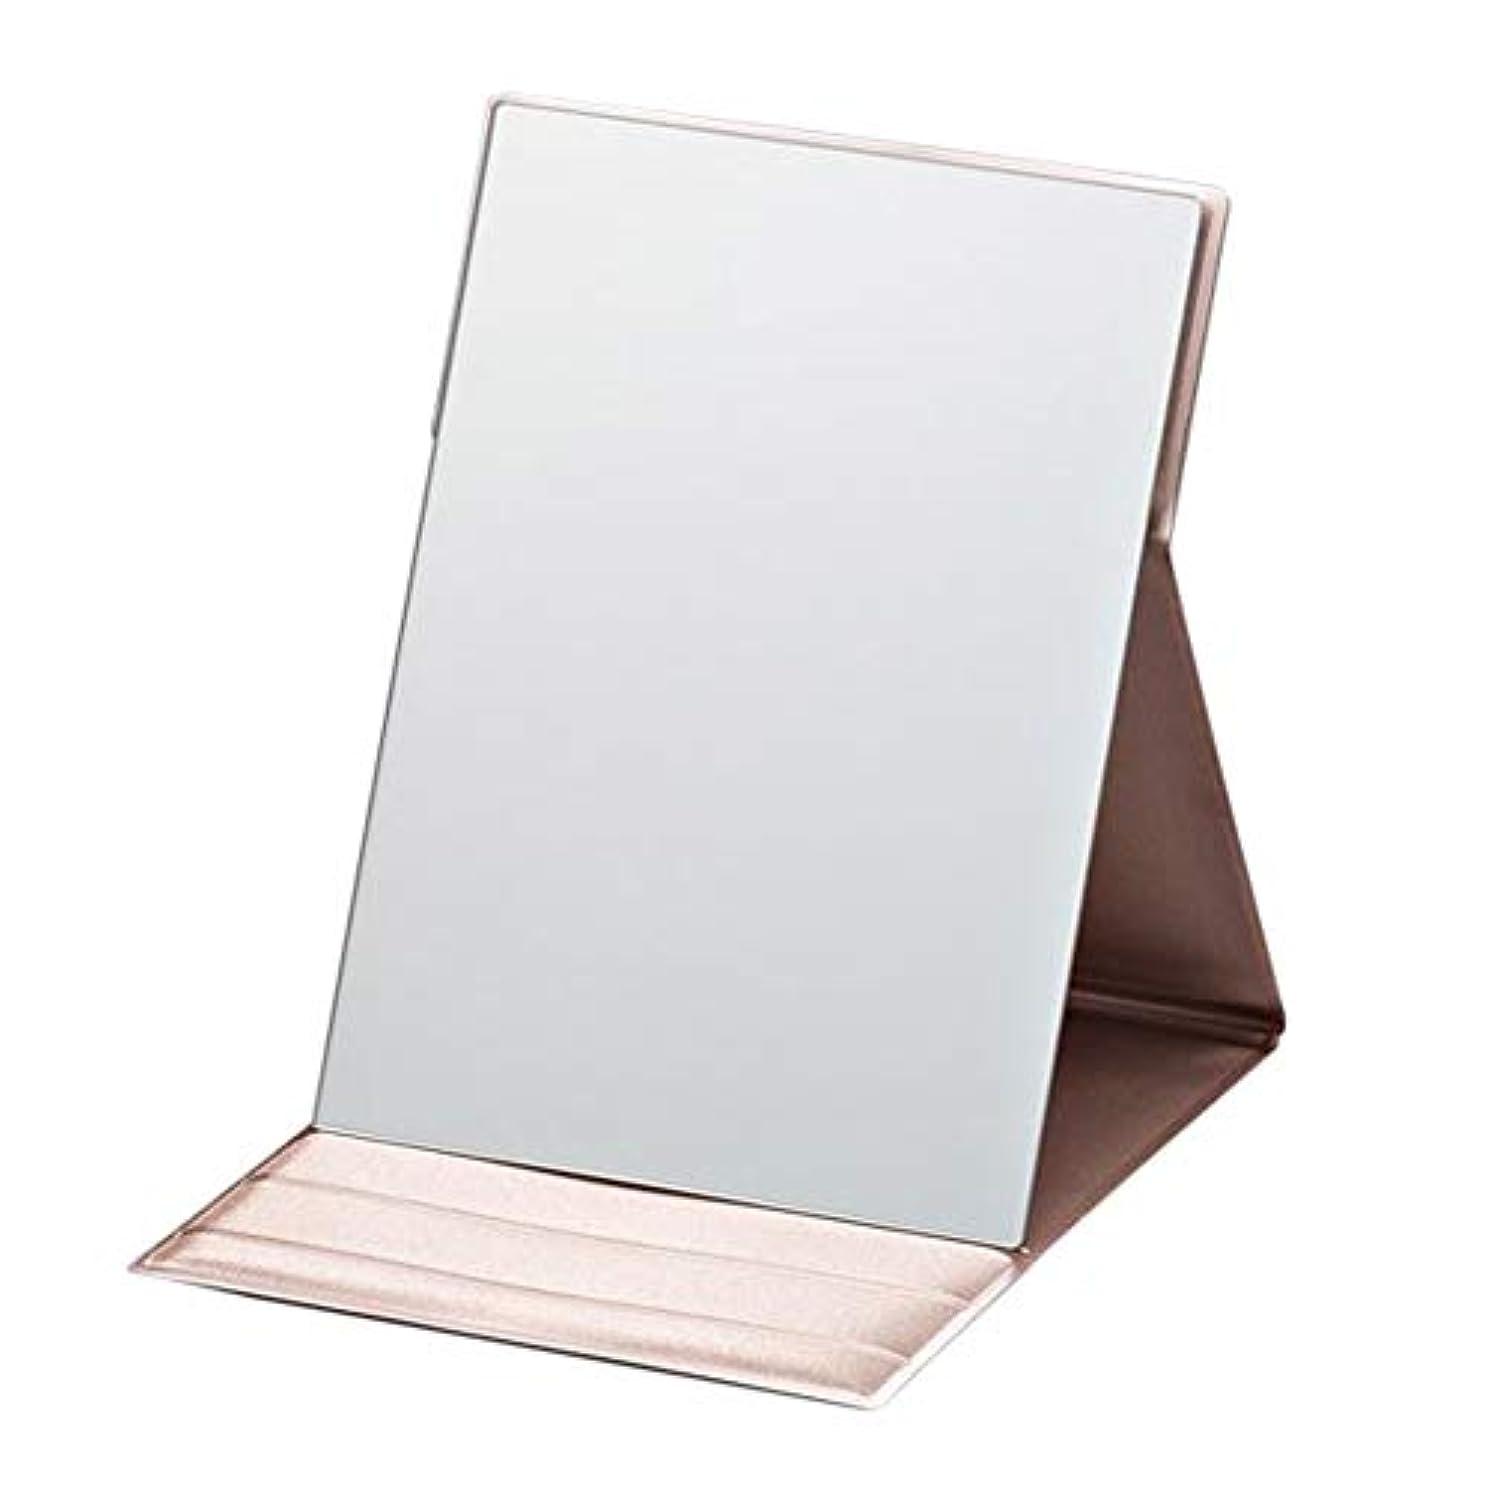 よろしく冬逆プロモデル折立 M ピンクゴールド 折り畳み式化粧鏡